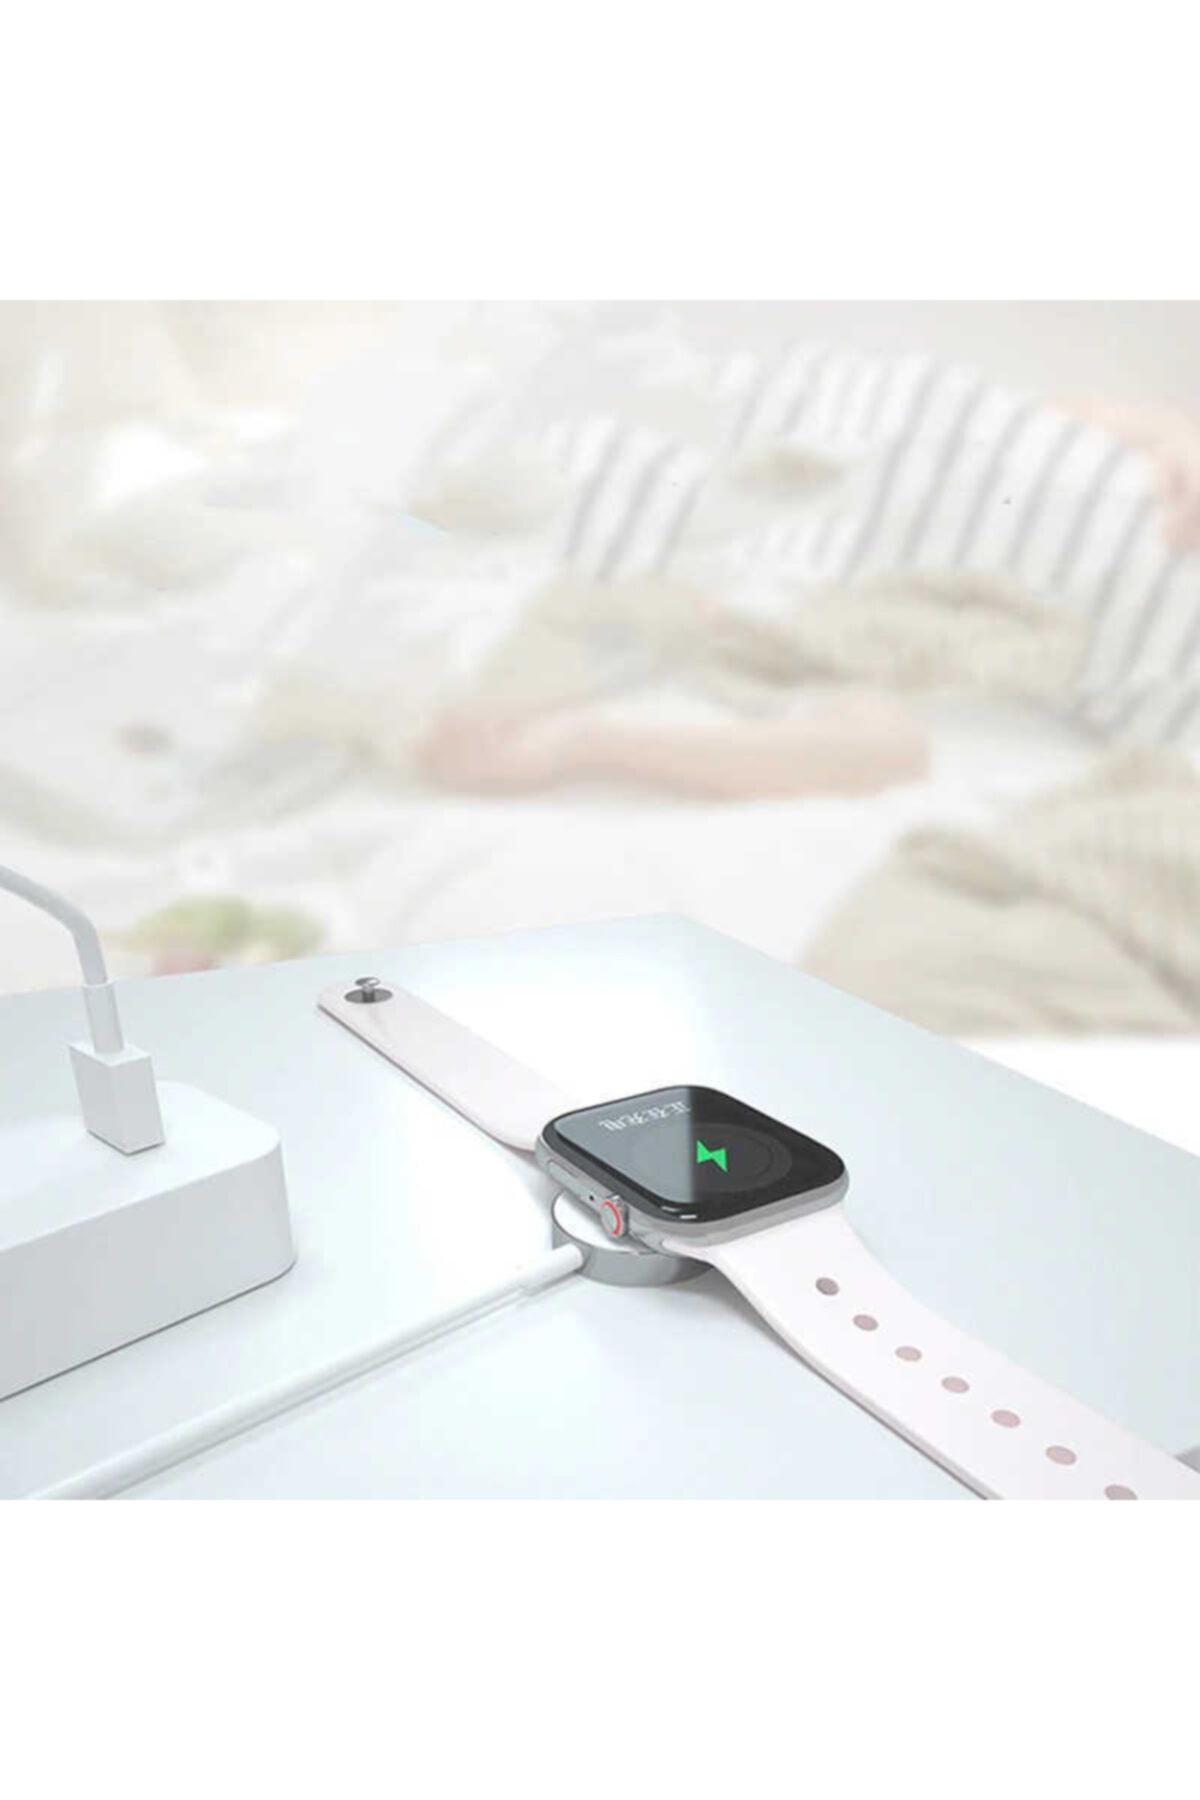 zore Apple Watch Se 40-44mm Manyetik Şarj Aleti Kablosu Hızlı Şarj 2